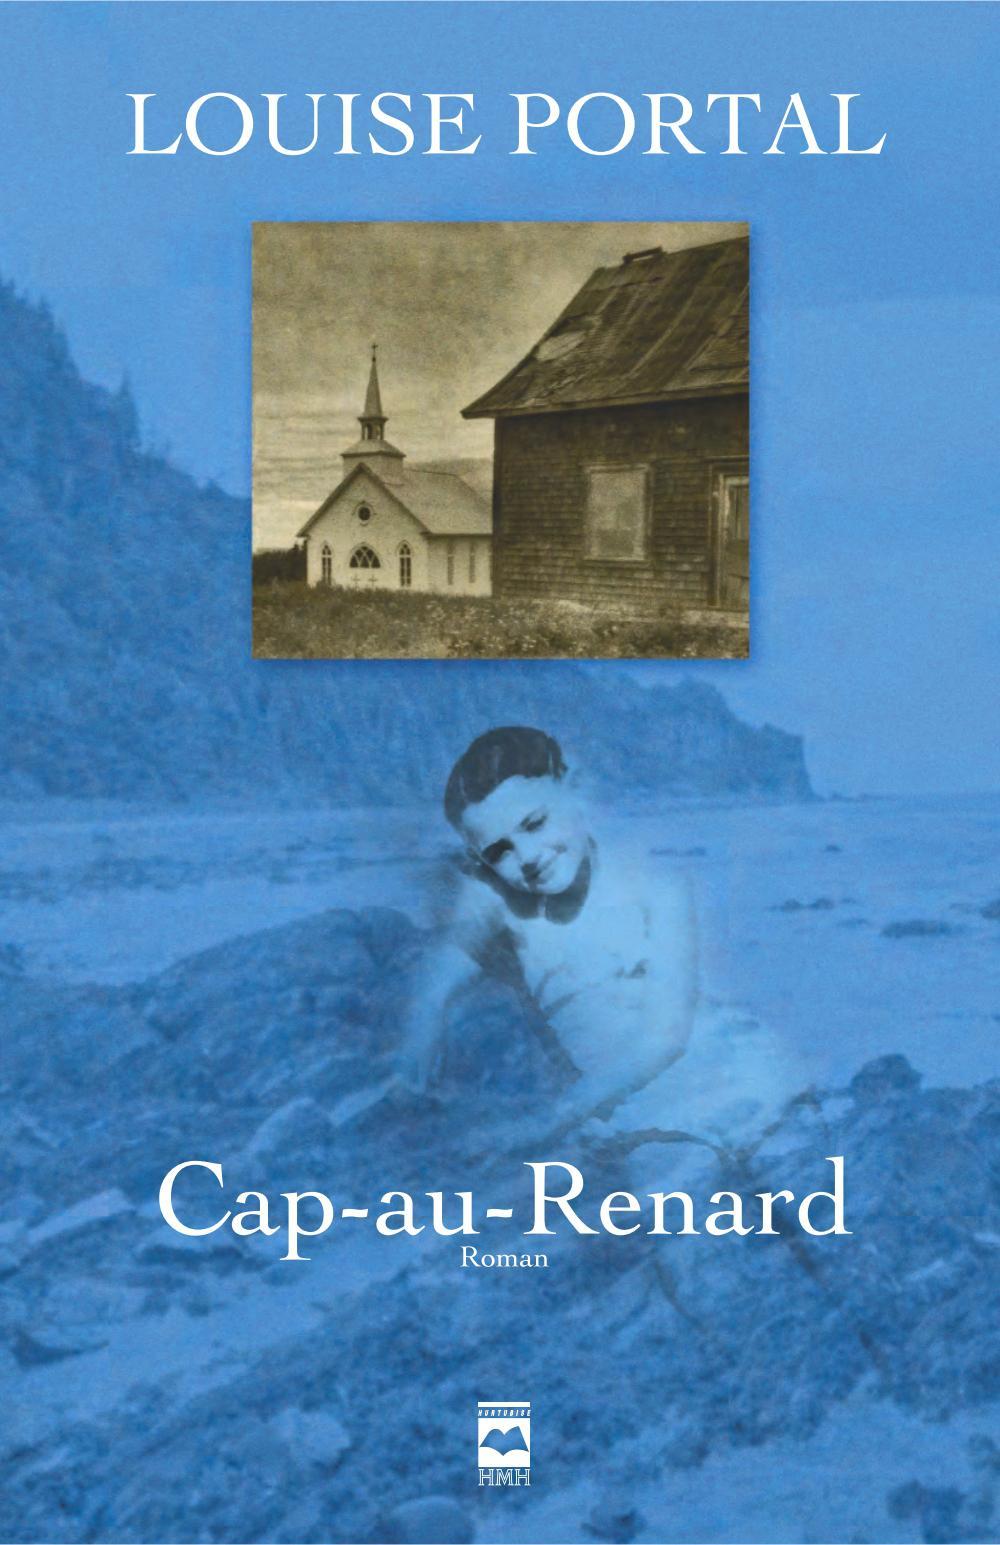 Vignette du livre Cap-au-Renard